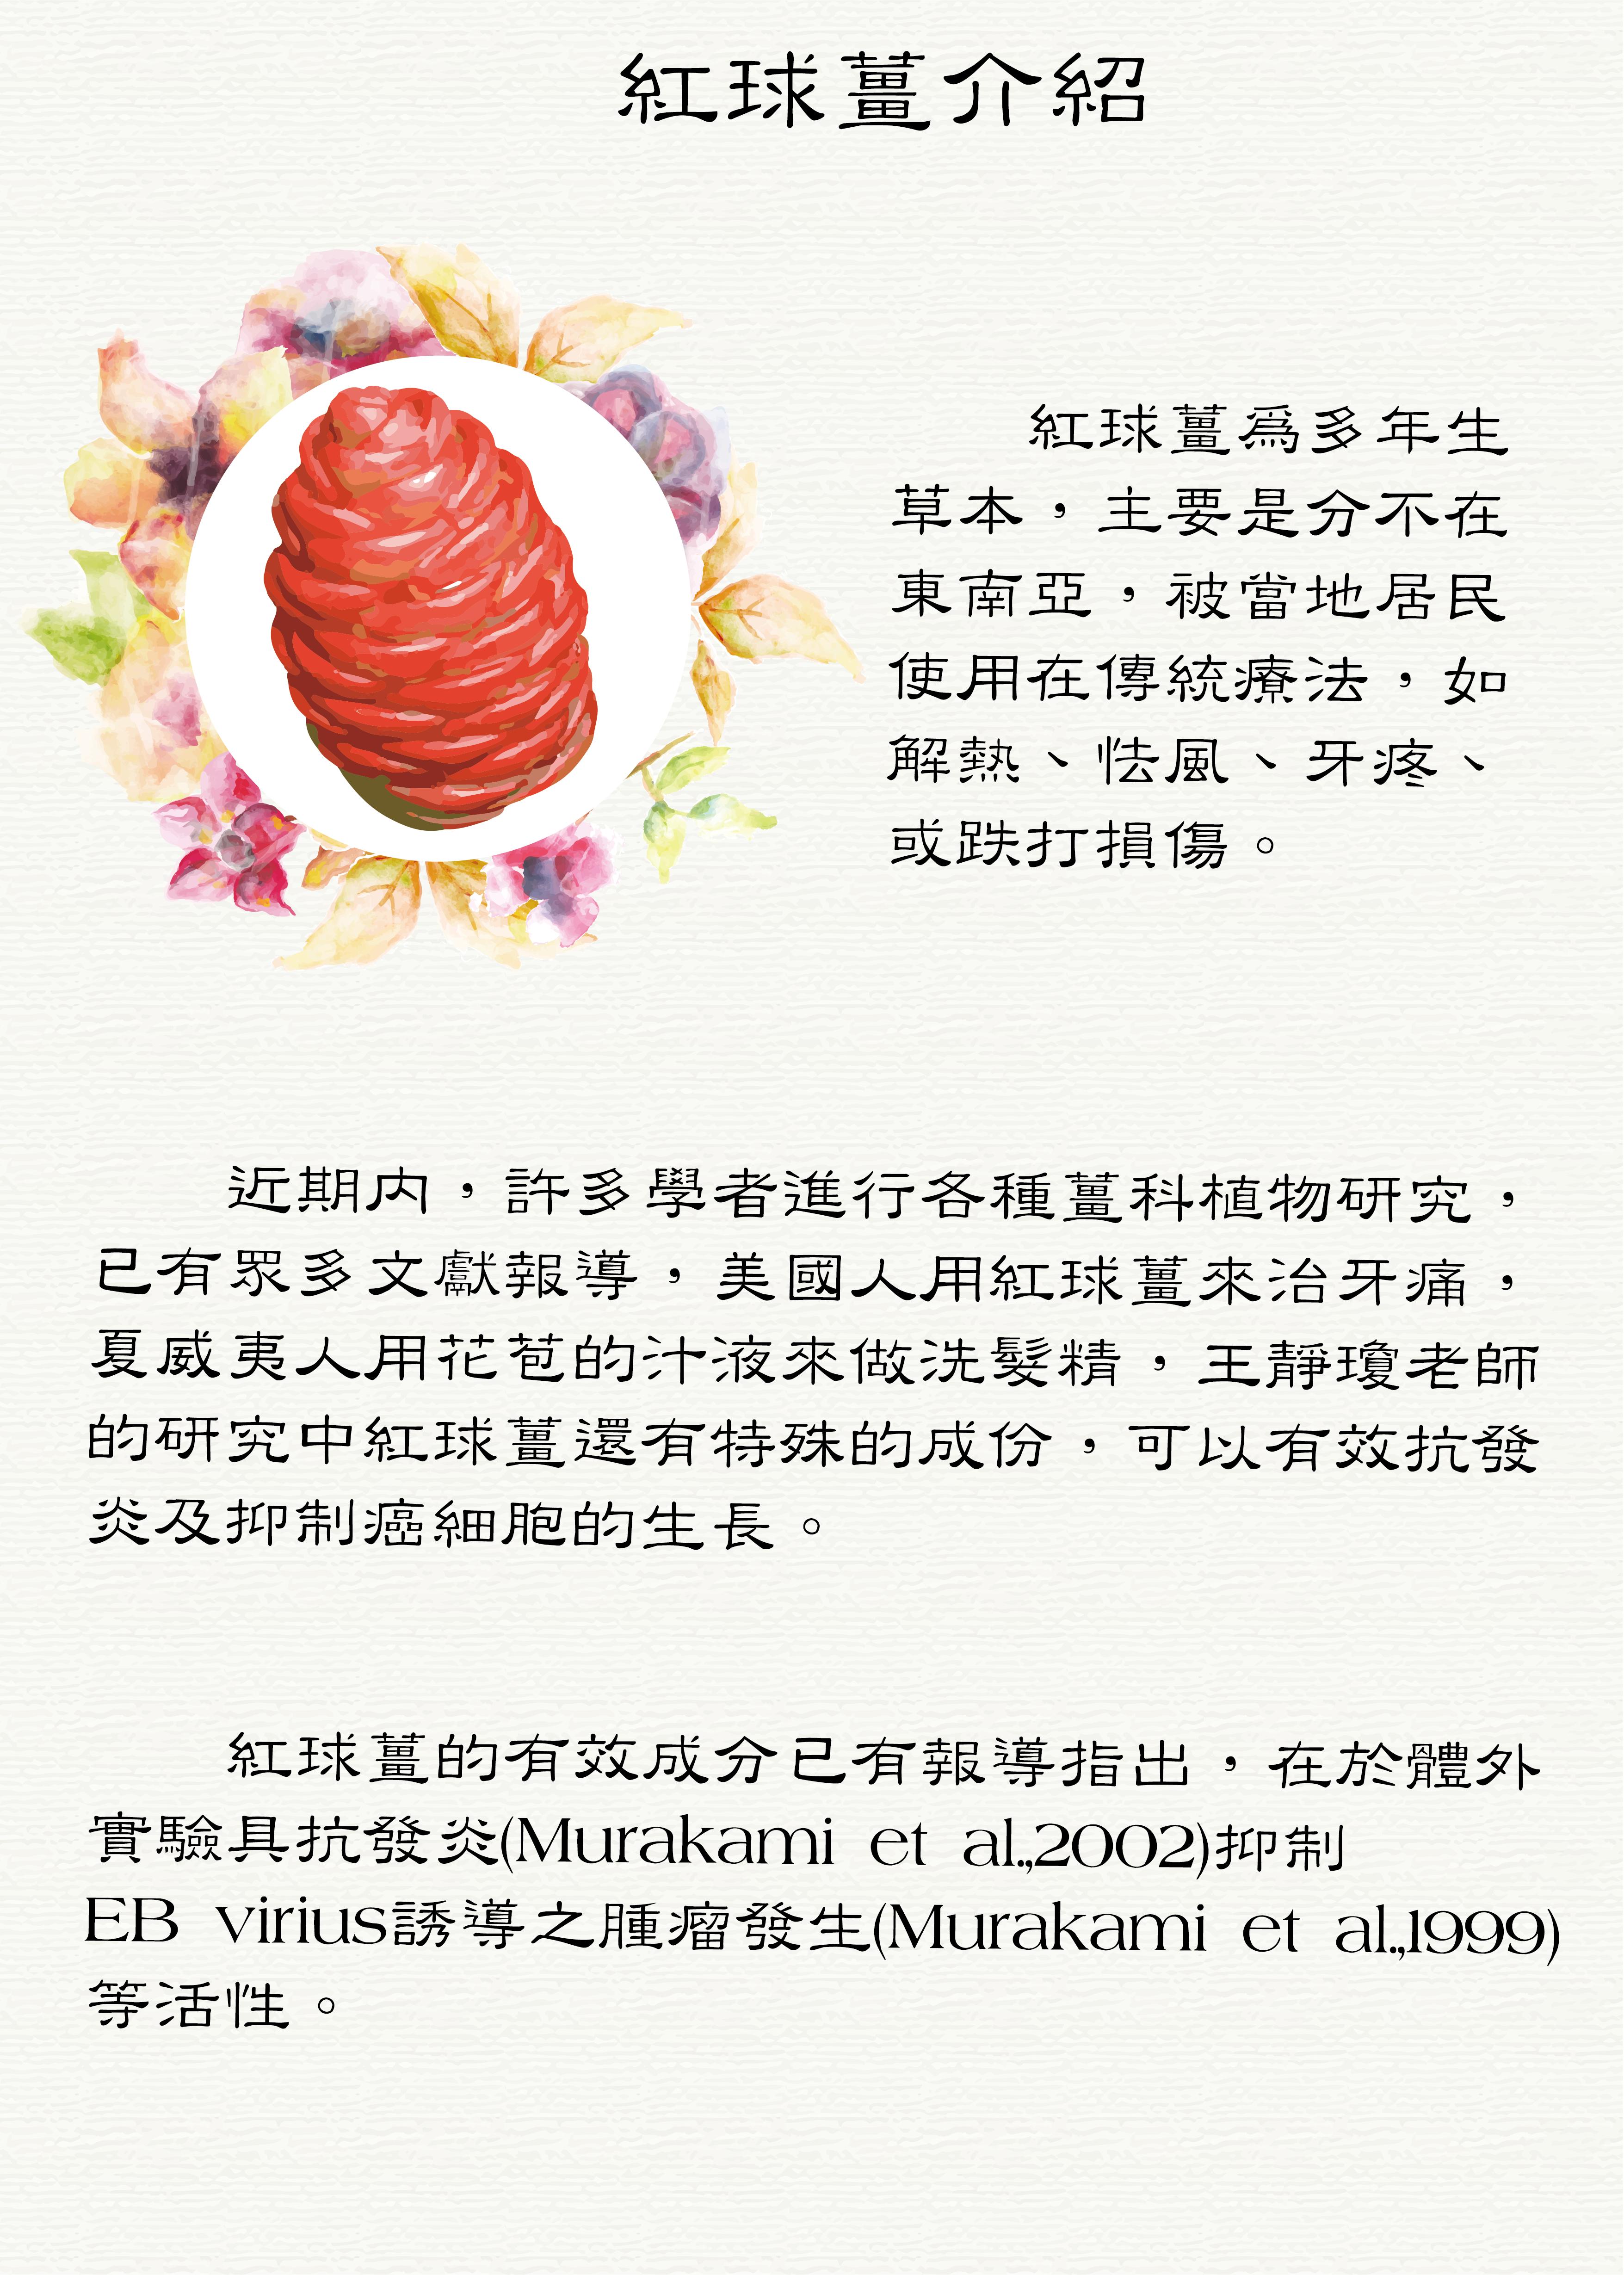 4.紅球薑介紹